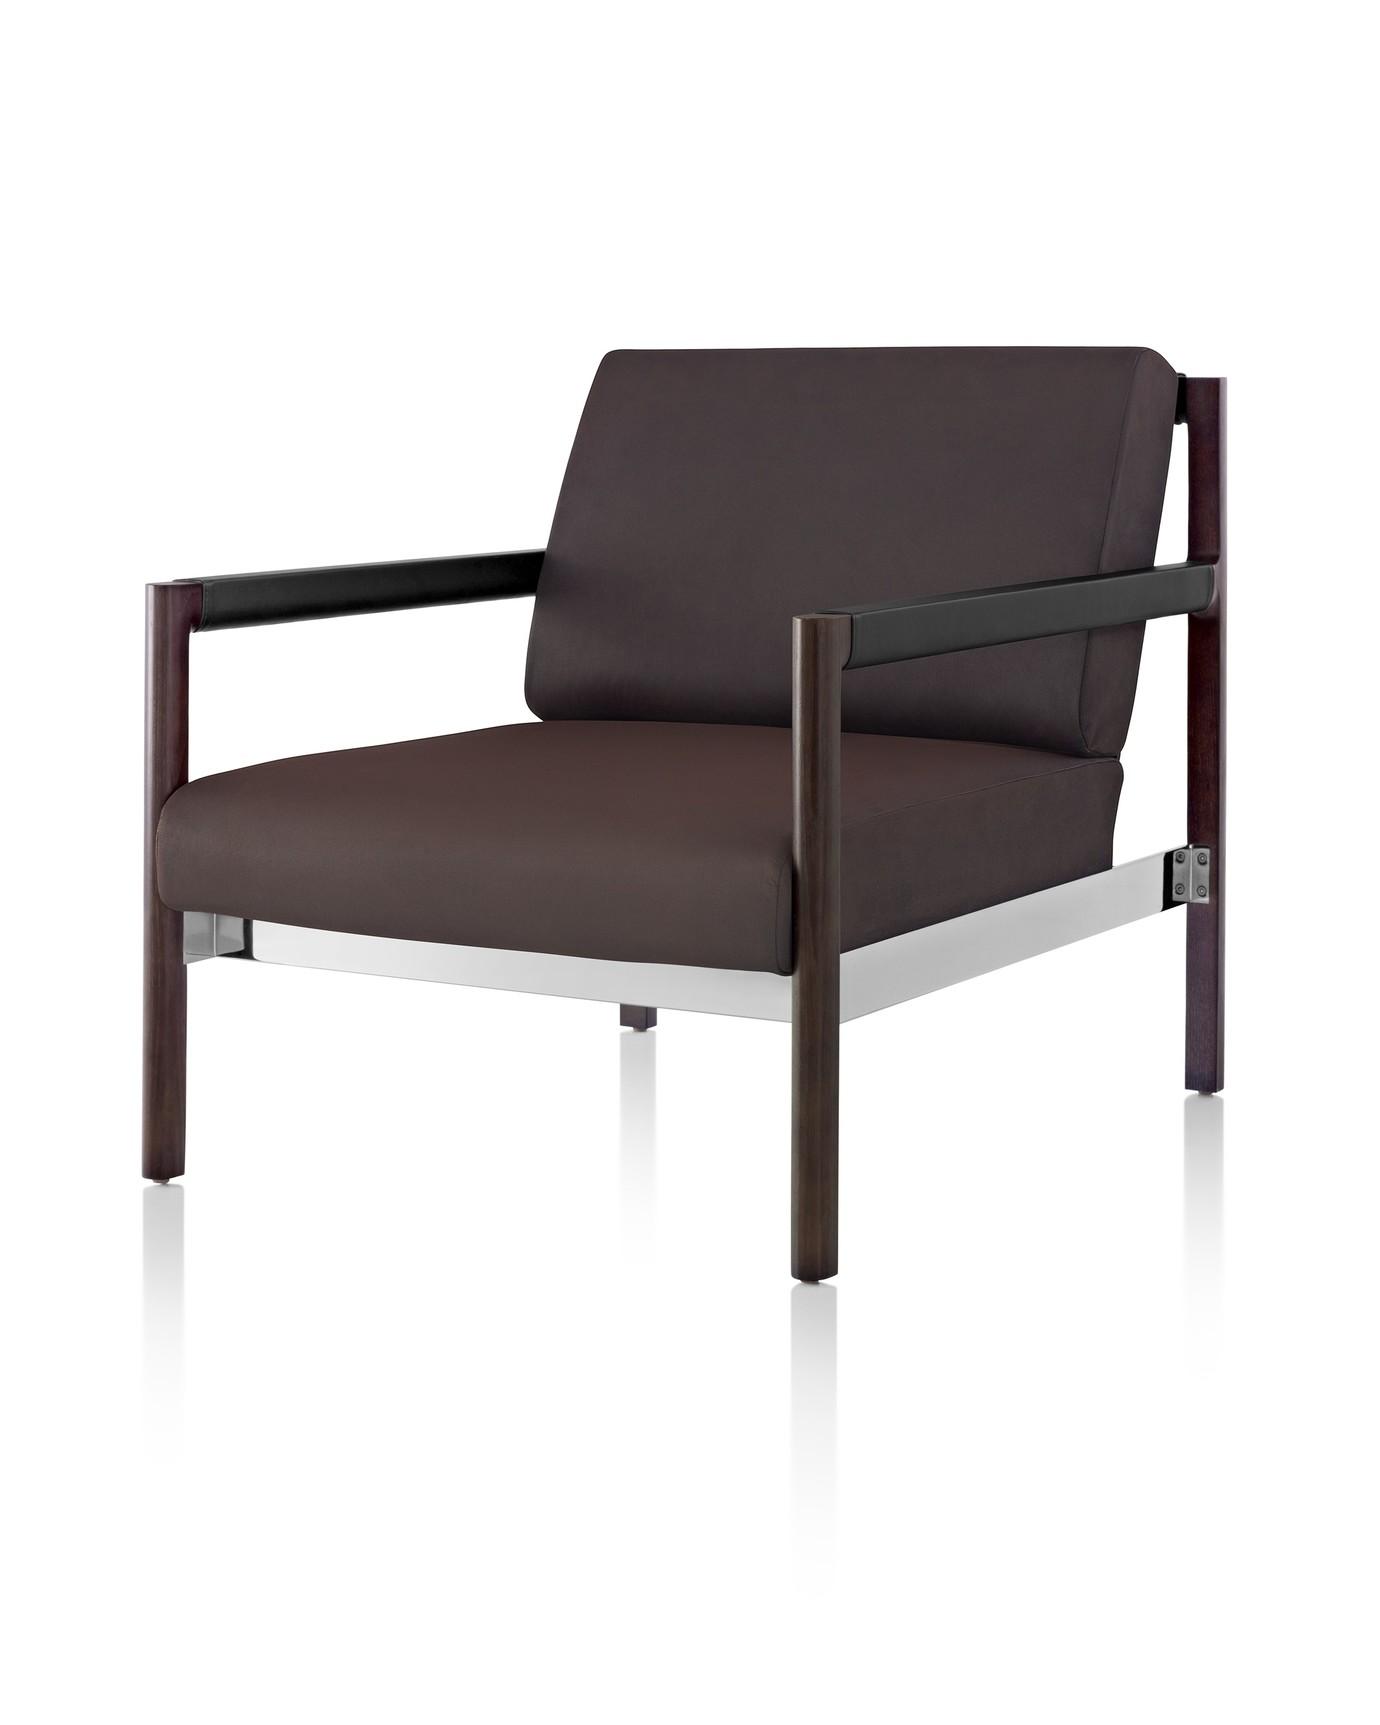 4-Silla-Lounge-Brabo-Beauty-1380